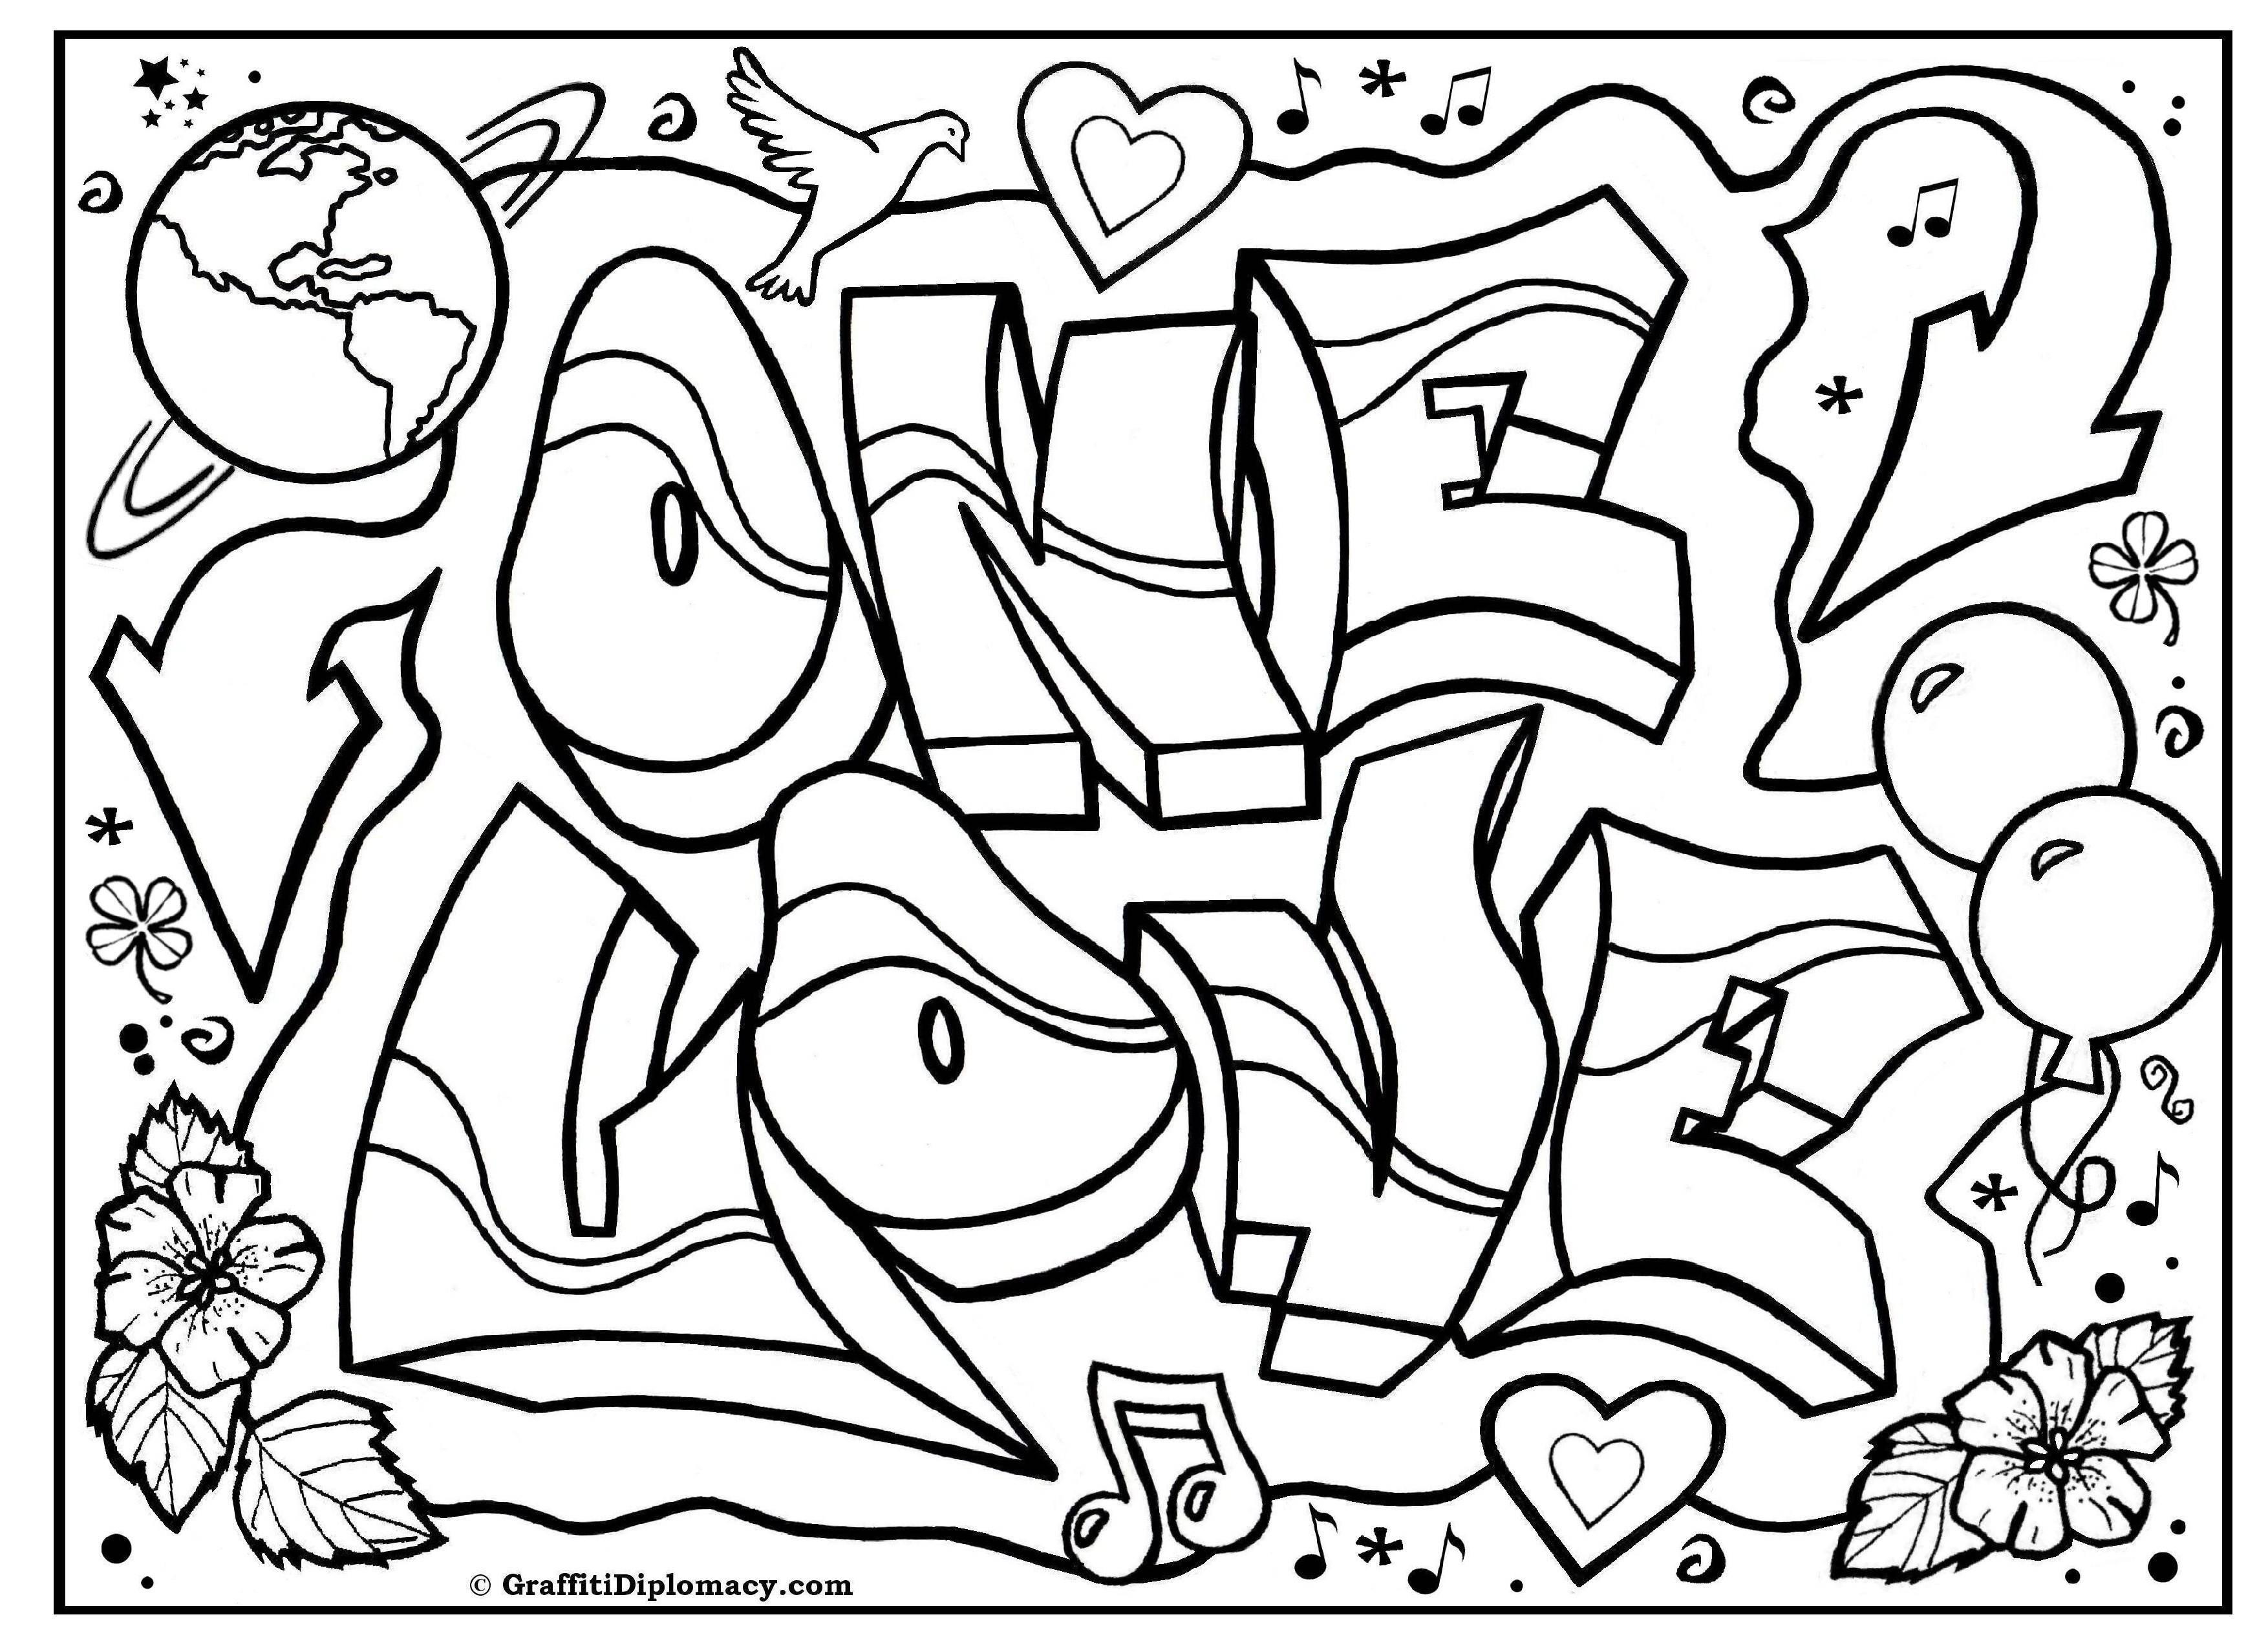 Раскраска Одна любовь Скачать Надписи, узоры.  Распечатать ,раскраски,